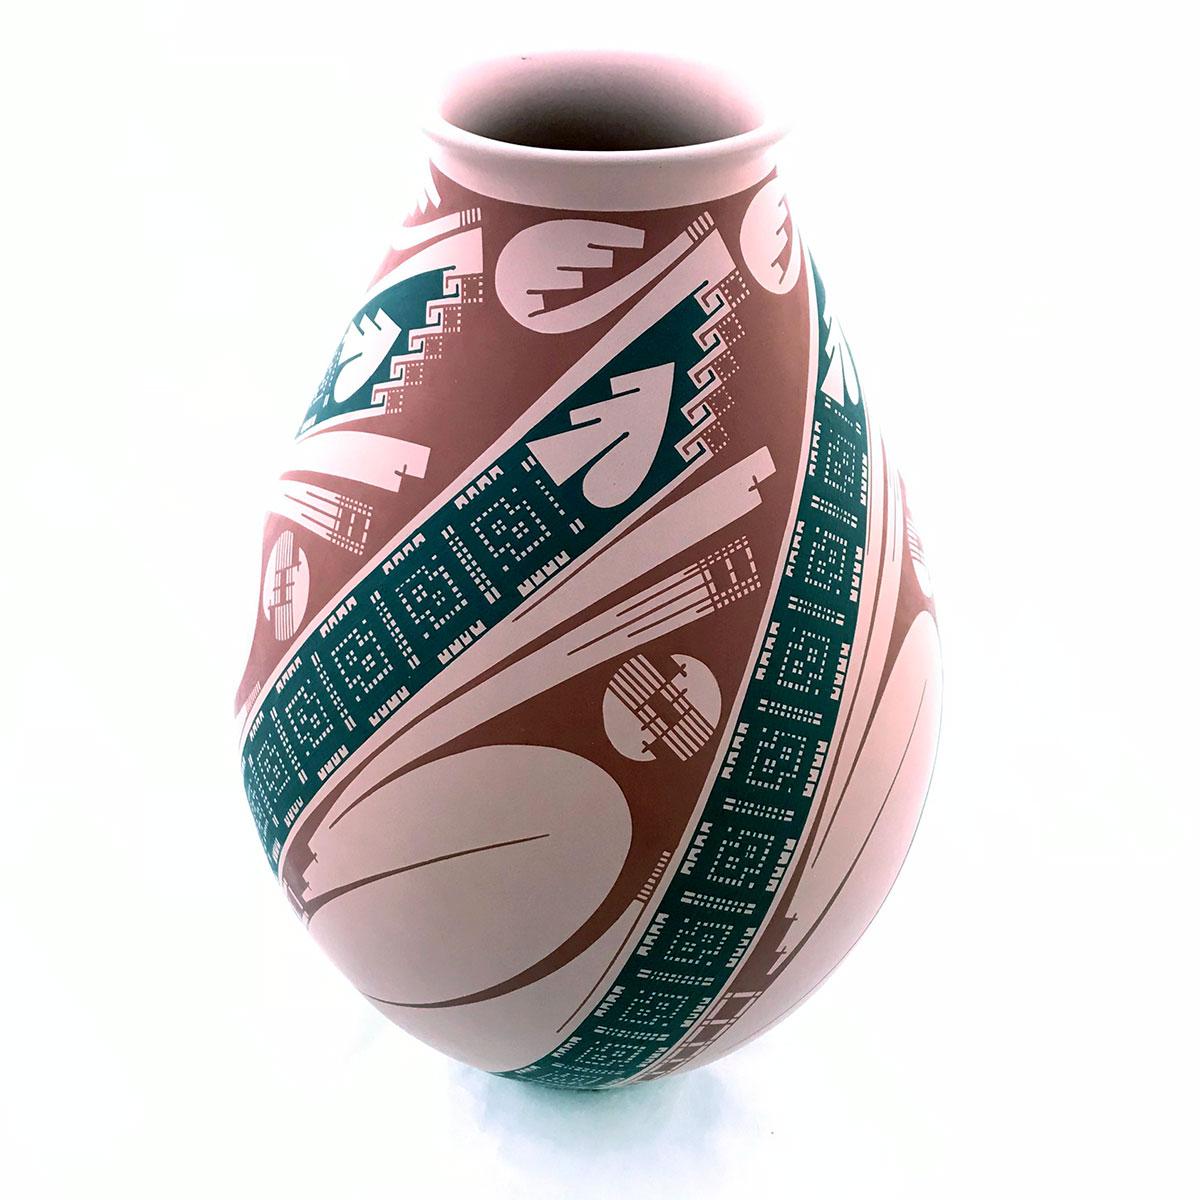 Damian Quezada Damian Quezada: Rare Collector Pot Mata Ortiz Pottery